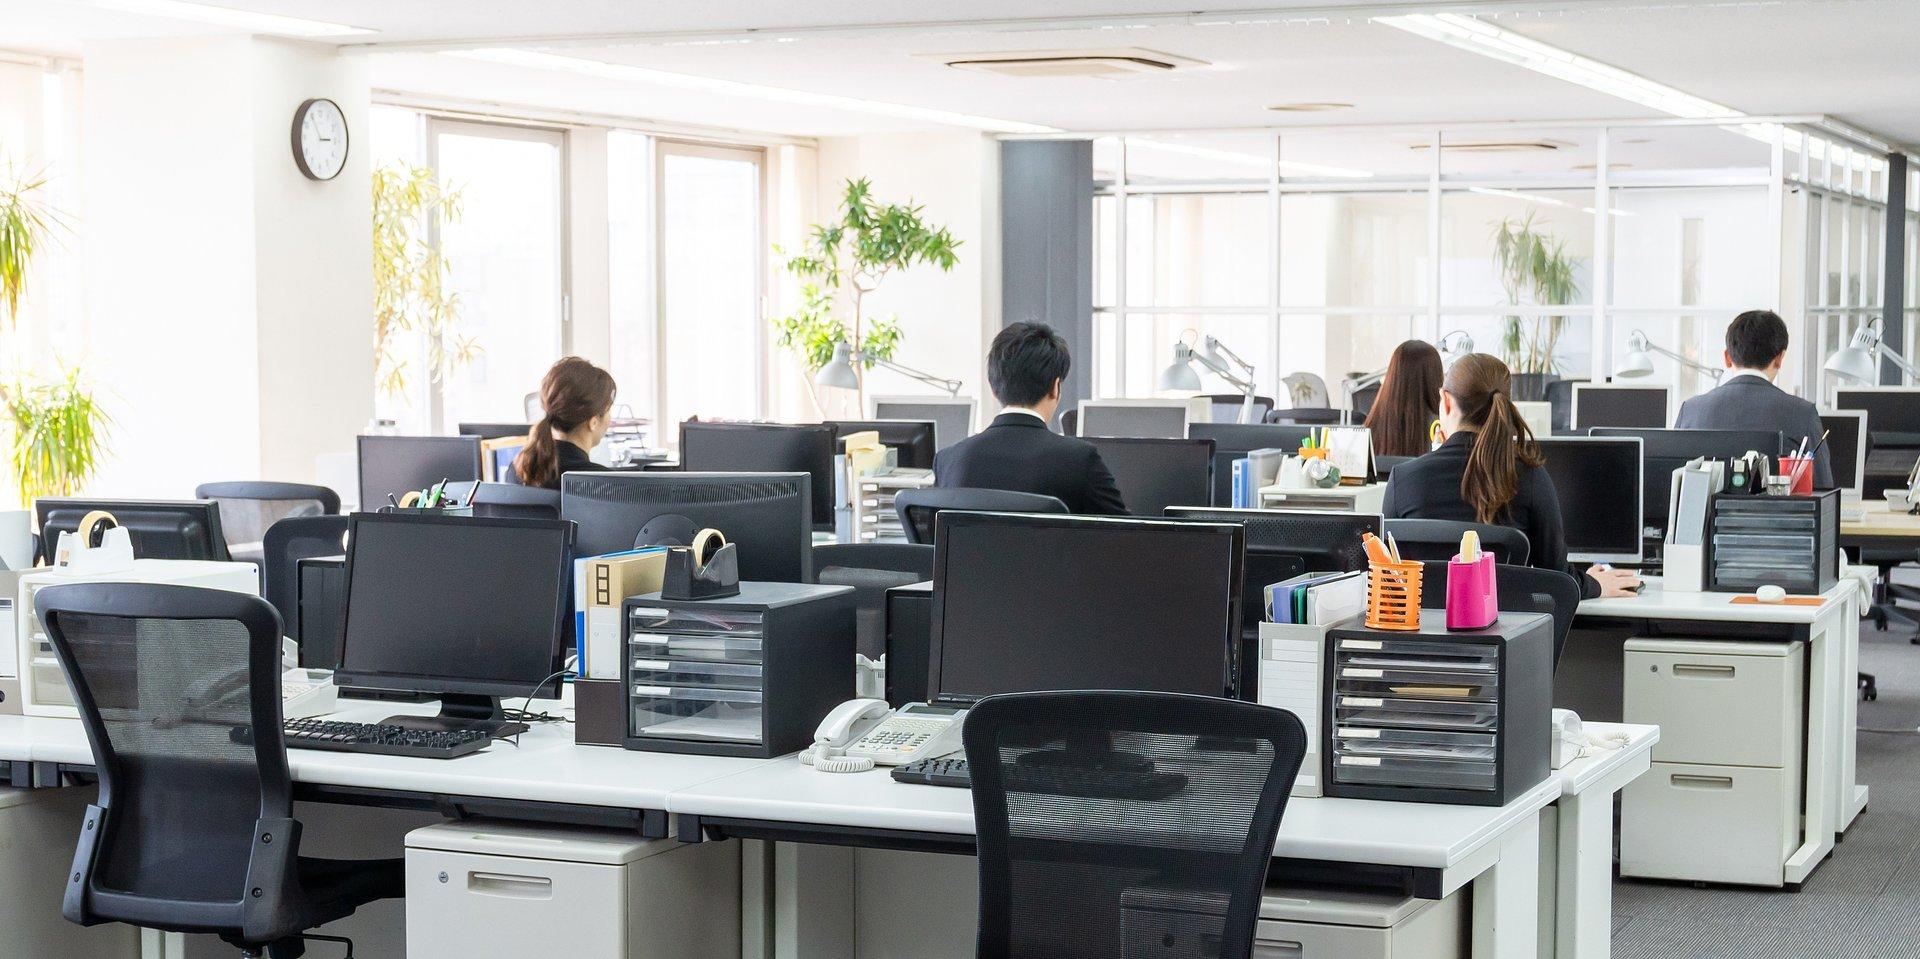 Praca biurowa – zalecenia i wytyczne sanitarne